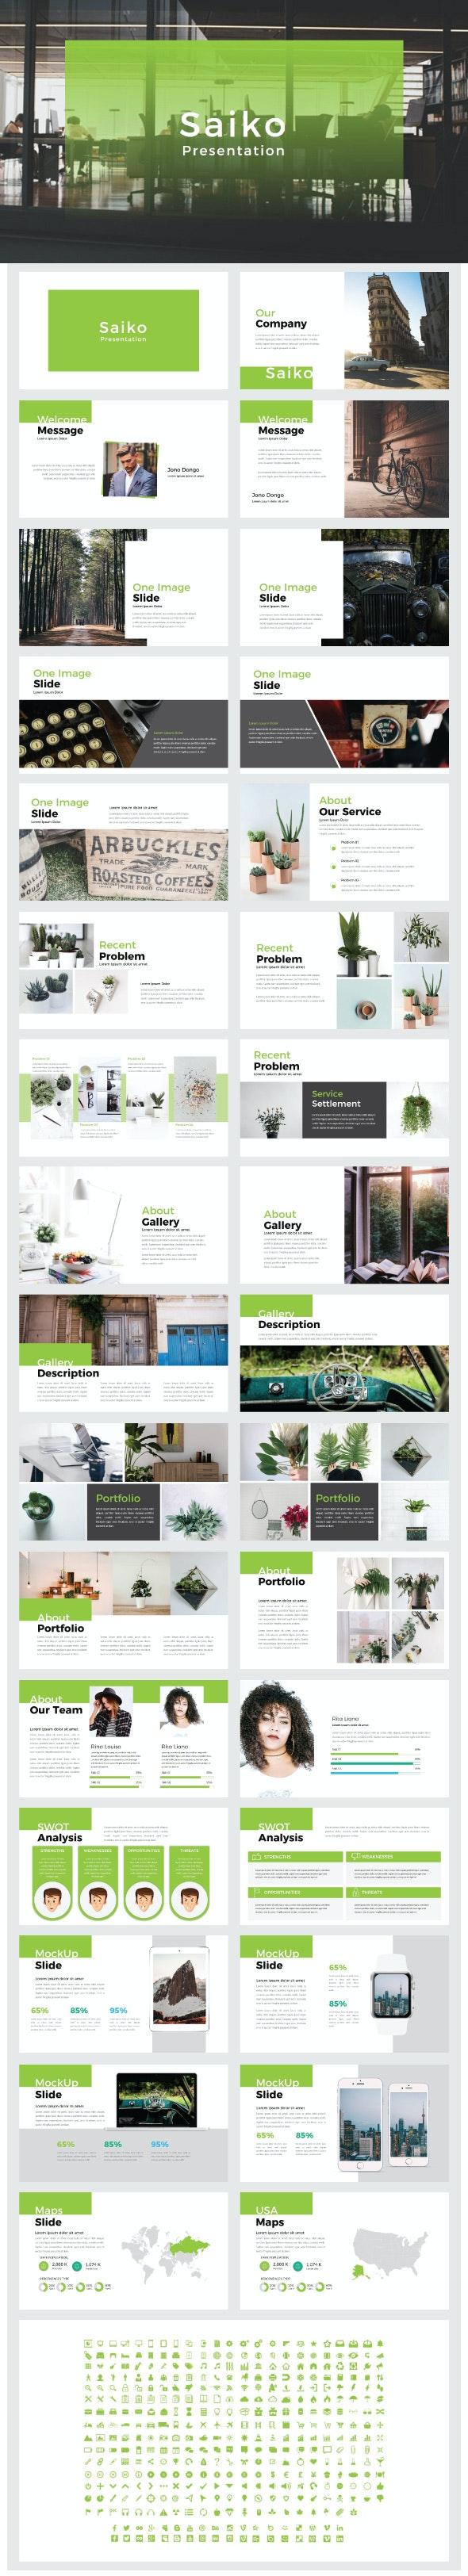 SAIKO - Presentation Templates - Creative PowerPoint Templates